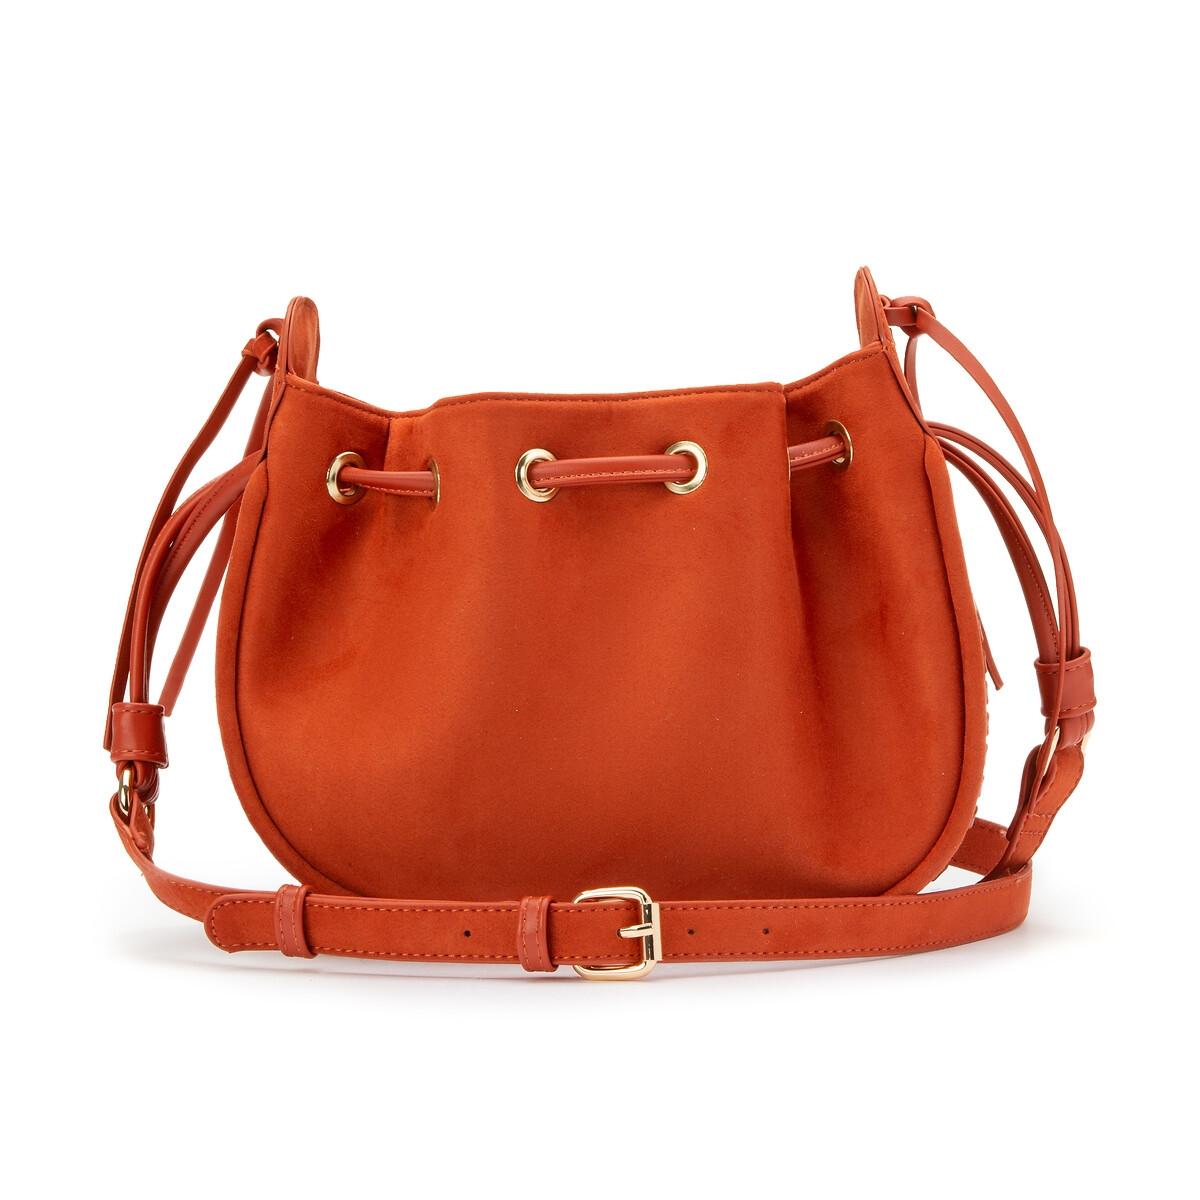 Сумка La Redoute Кожаная единый размер каштановый сумка la redoute кожаная sunny foil единый размер синий